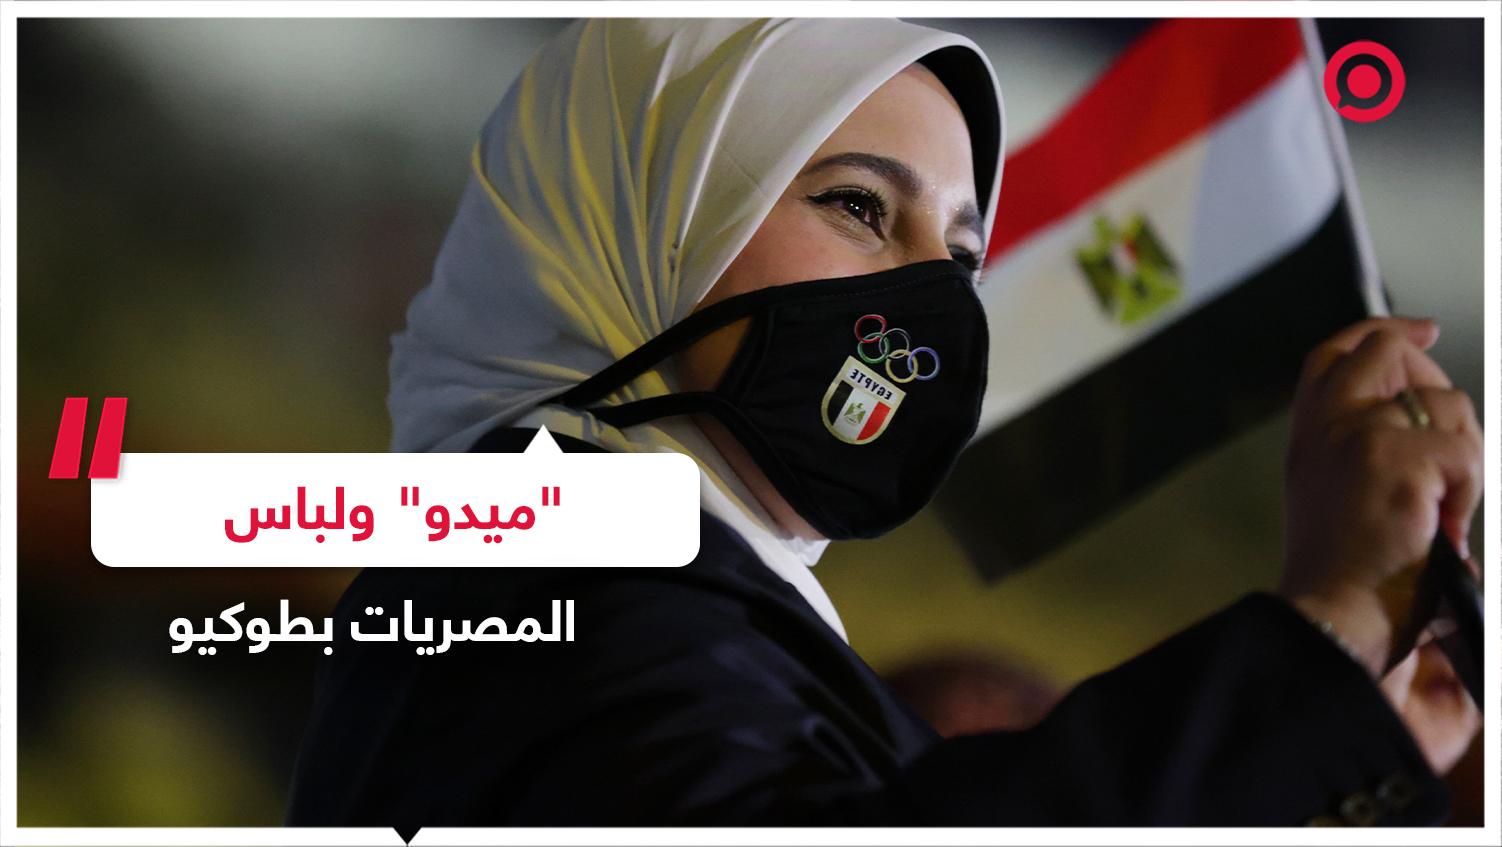 #أولمبياد #مصر #ميدو #لباس